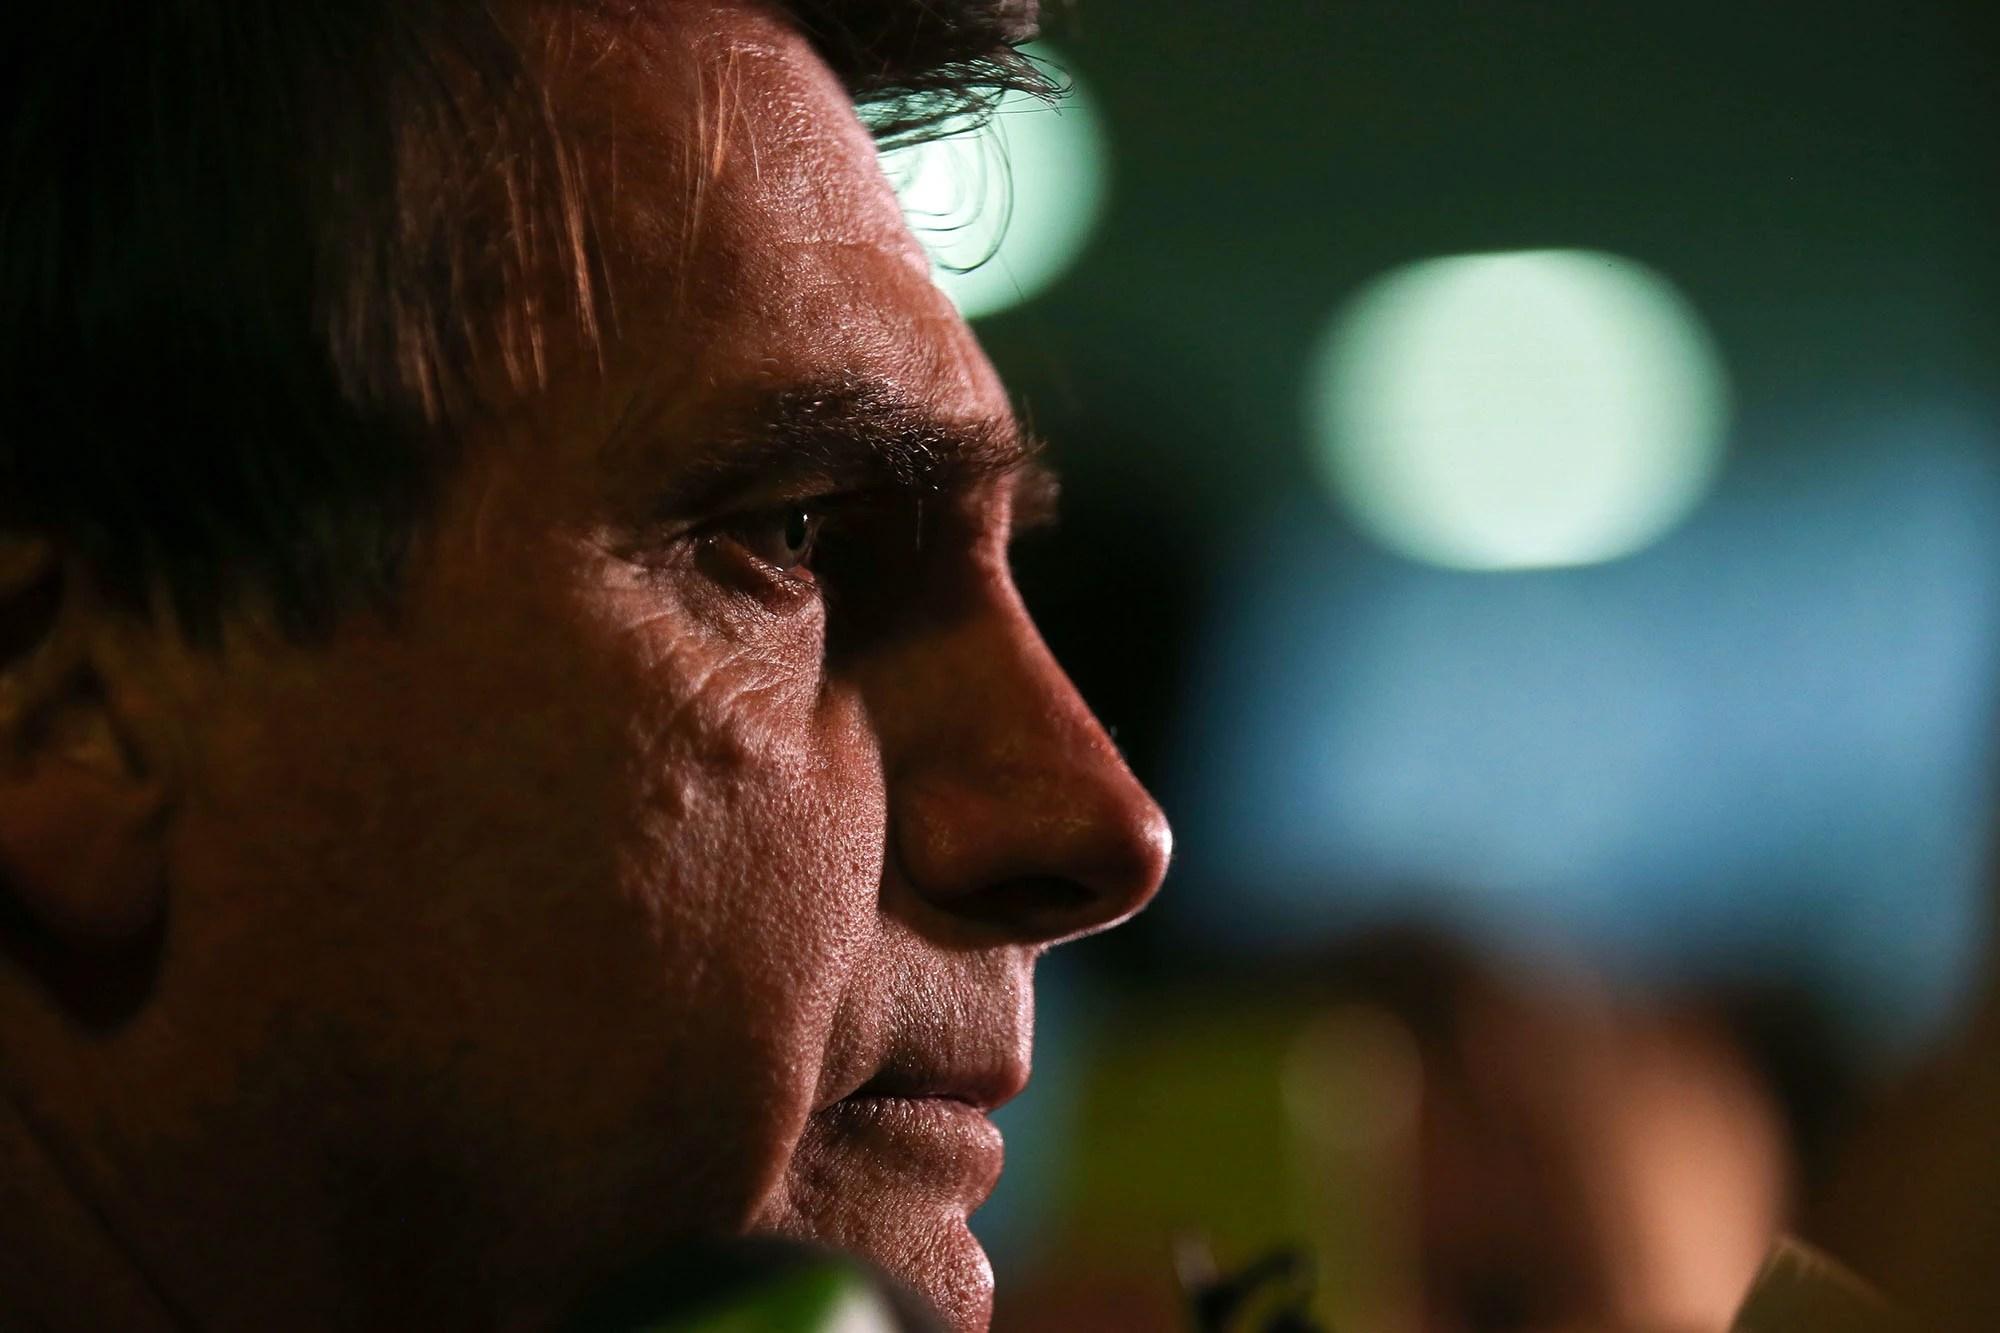 O deputado Jair Bolsonaro (PSC-RJ) em entrevista coletiva, em junho